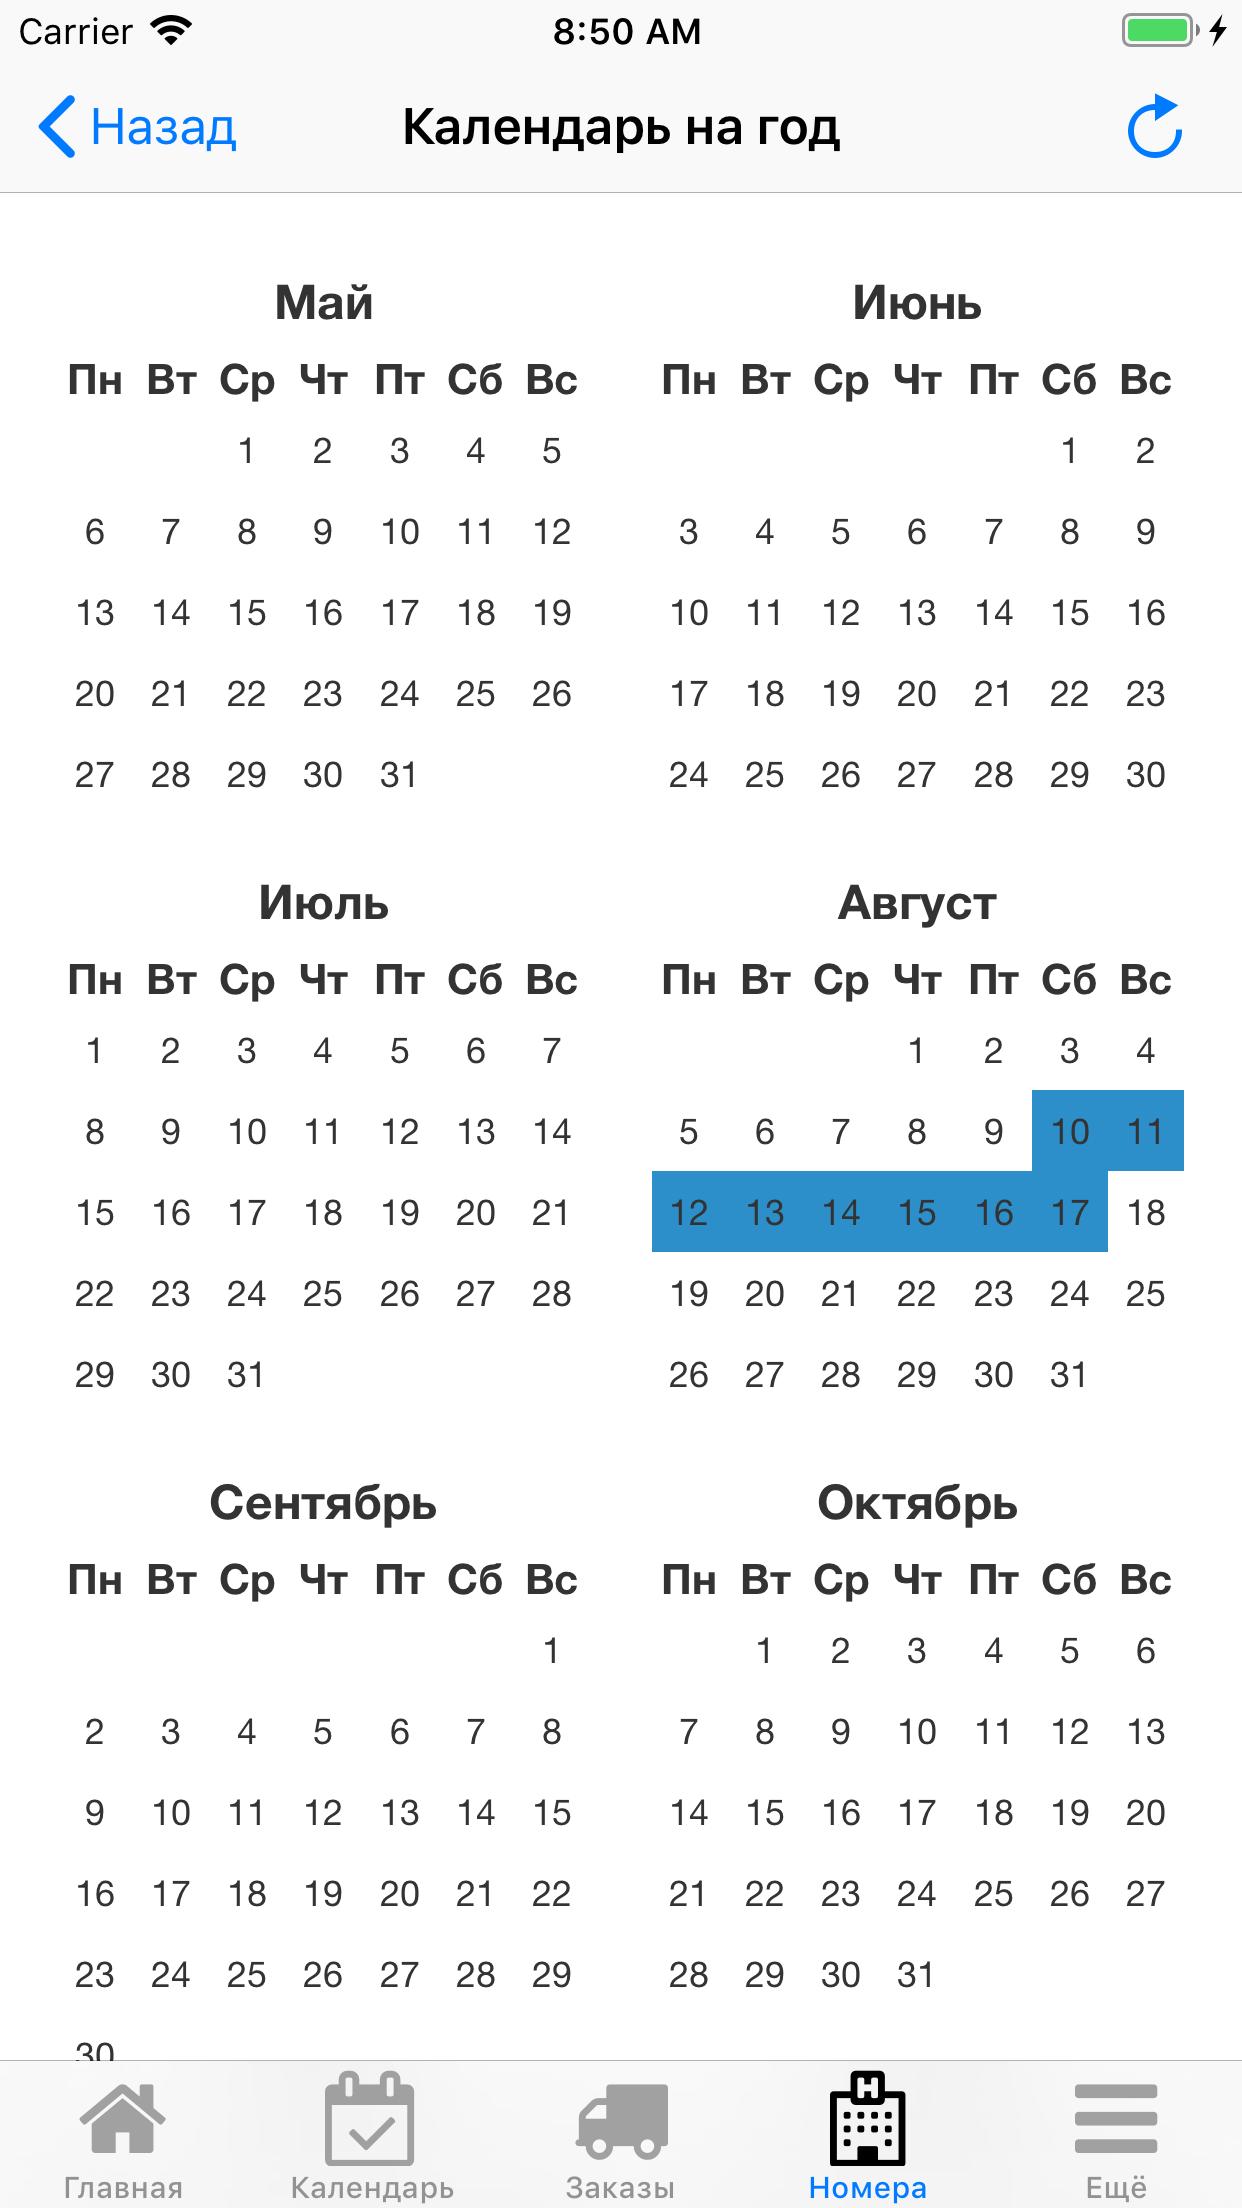 Нано Бронирование Гостиниц. Годовой календарь